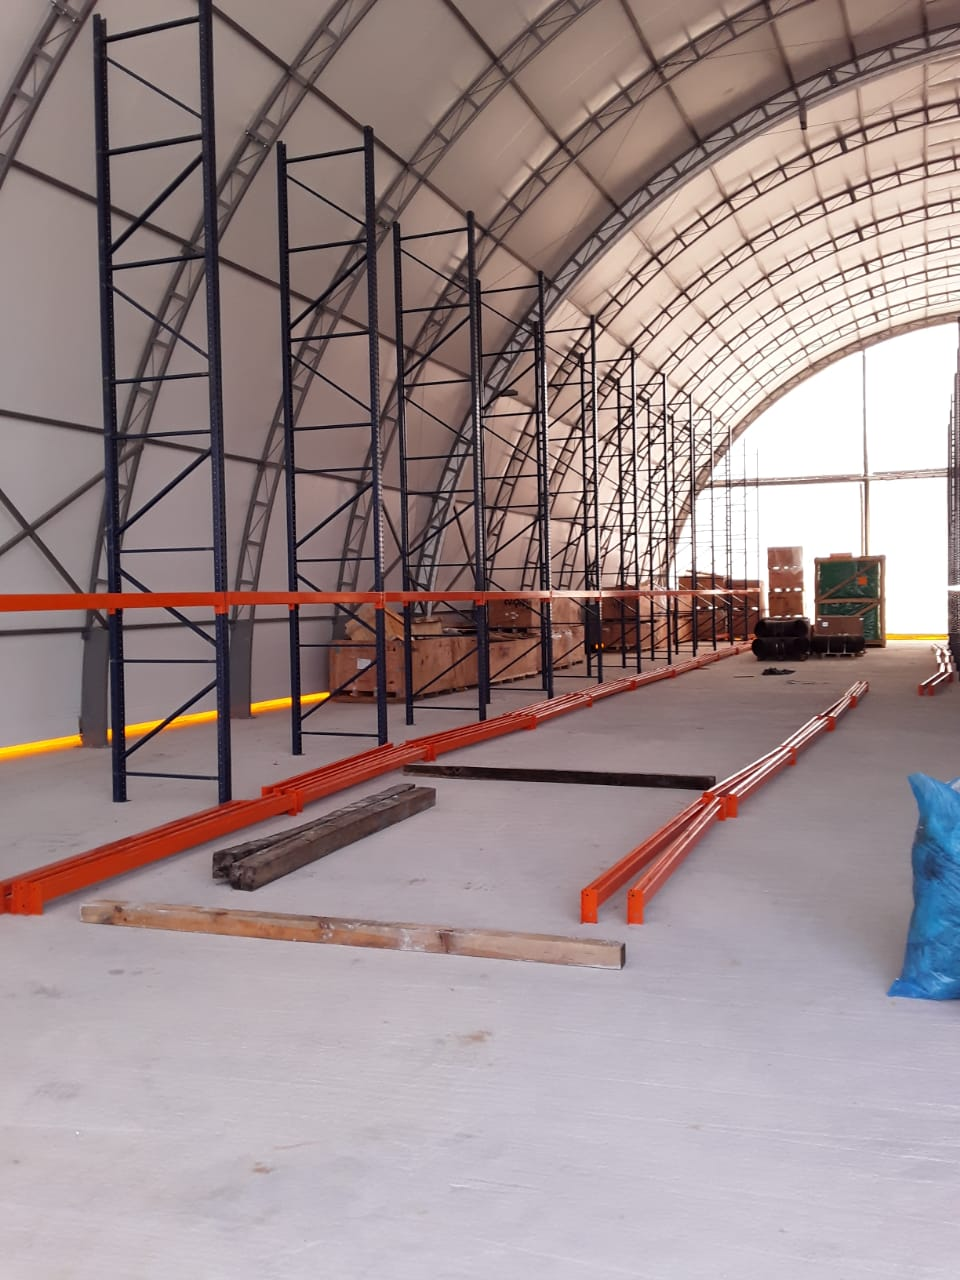 estanteria metalica industrial Pesada para ecobodegas ecopetrol solmetal (3)